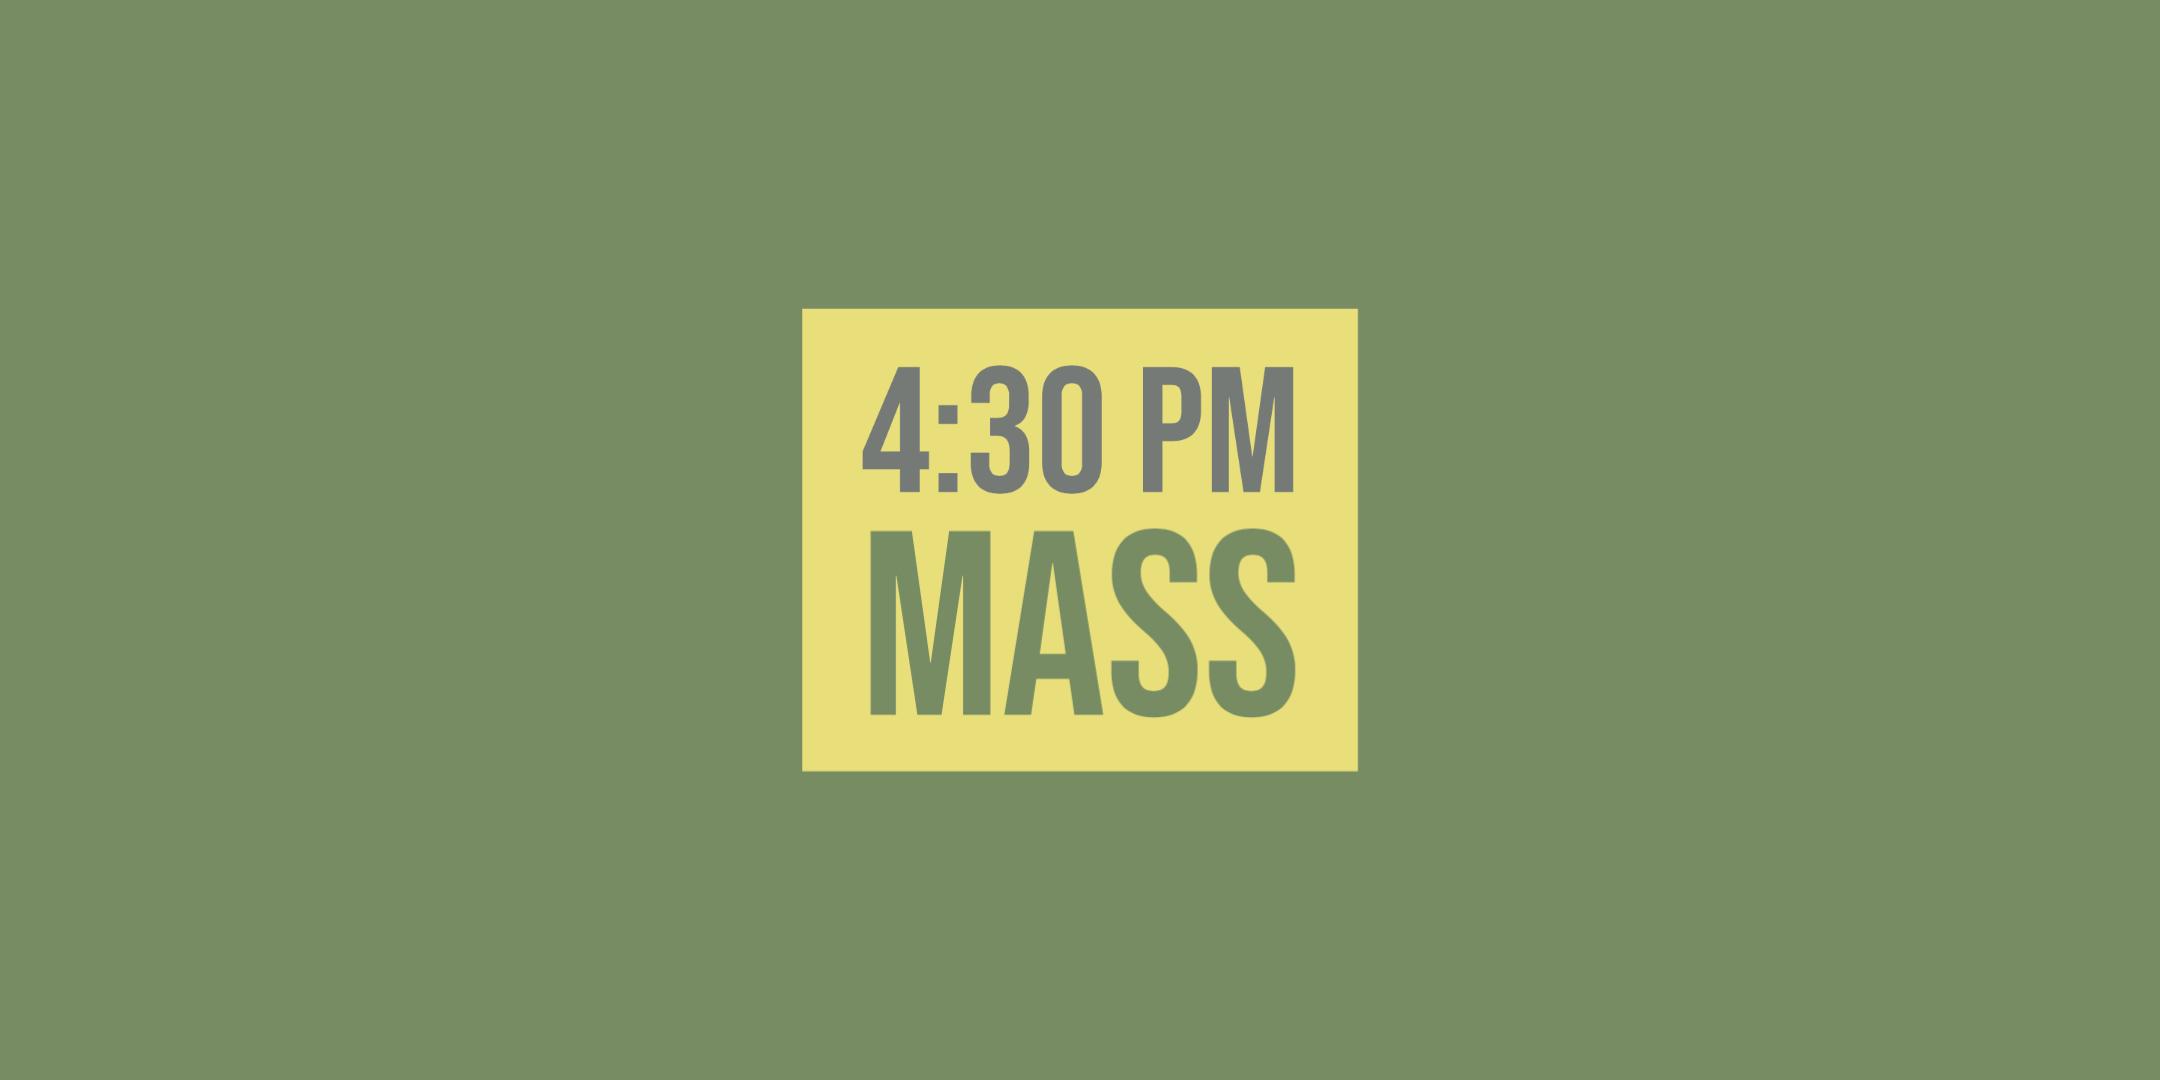 Register for 430 Mass